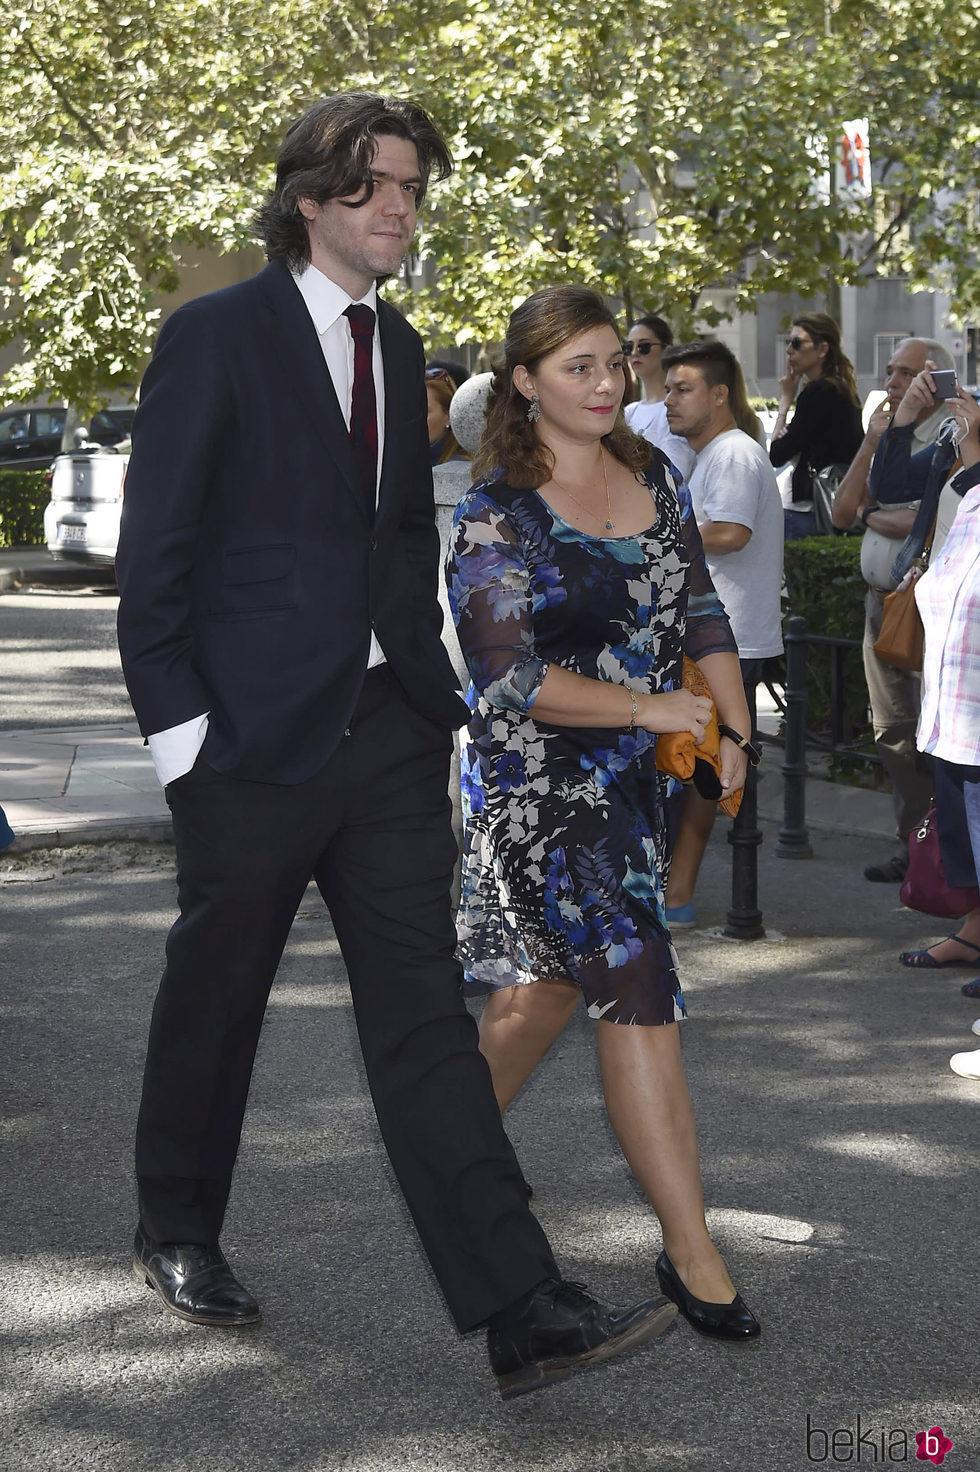 Jacobo Fitz James y Asela Pérez Becerril en la boda de Luis Martínez de Irujo y Adriana Martín